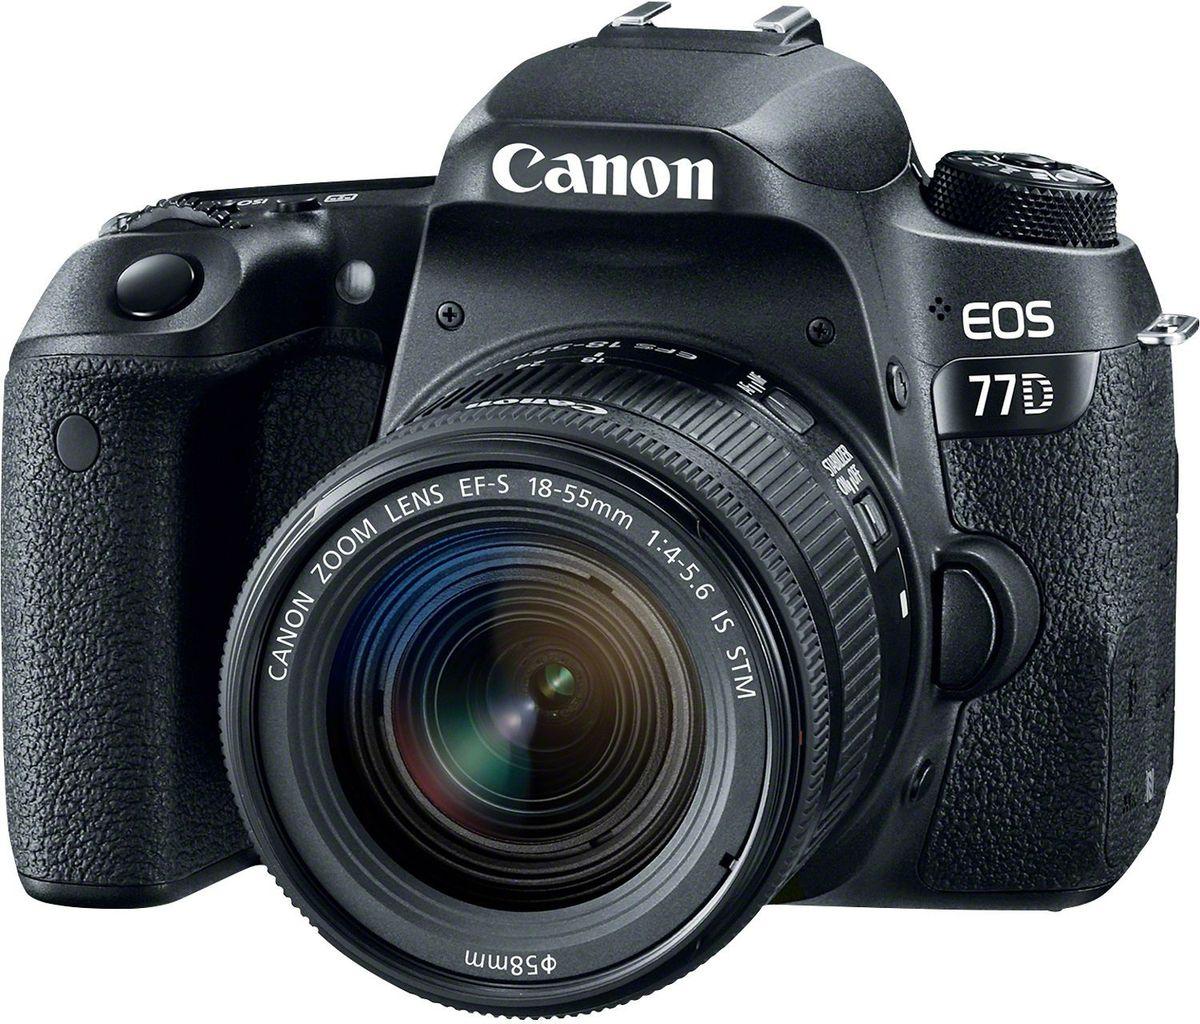 Canon EOS 77D Kit 18-55 IS STM цифровая зеркальная фотокамера - Зеркальные фотоаппараты